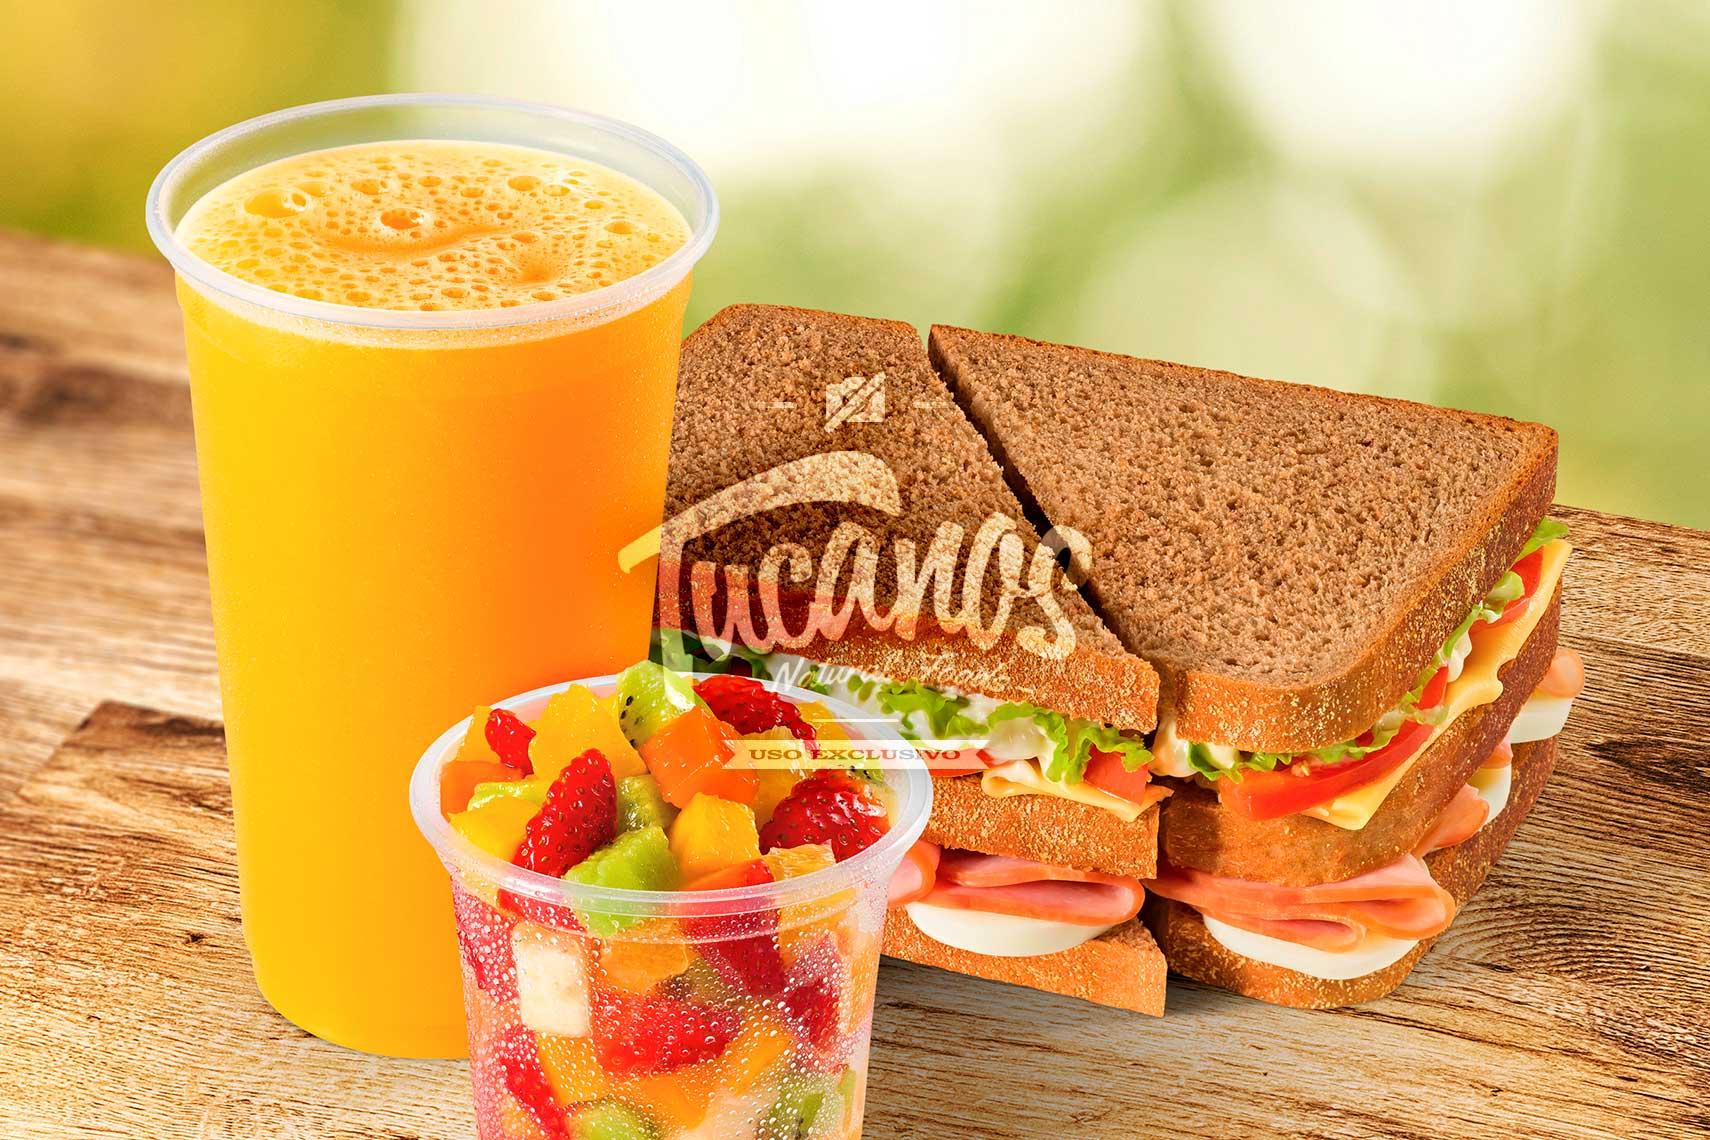 Fotógrafo de Alimentos: Combo Sanduíche + Suco + Salada de Fruta